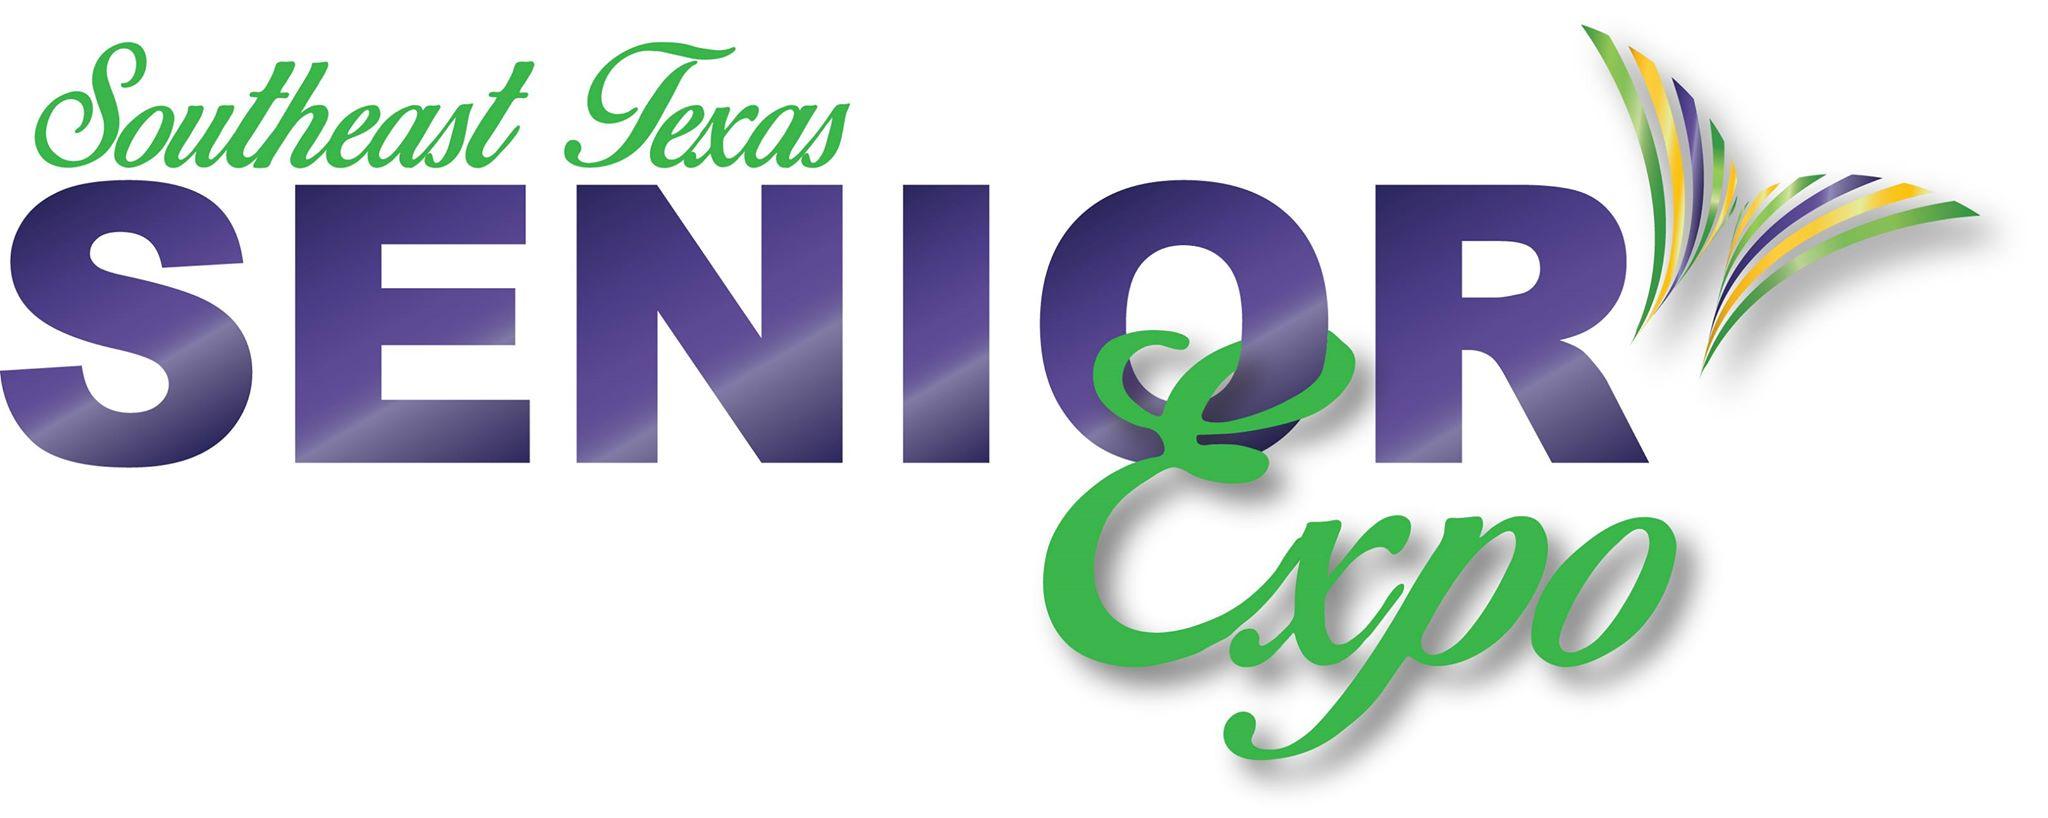 SETX Senior Expo, senior discount beaumont, senior entertainment Beaumont Tx, senior expo Beaumont, senior expo Lumberton TX